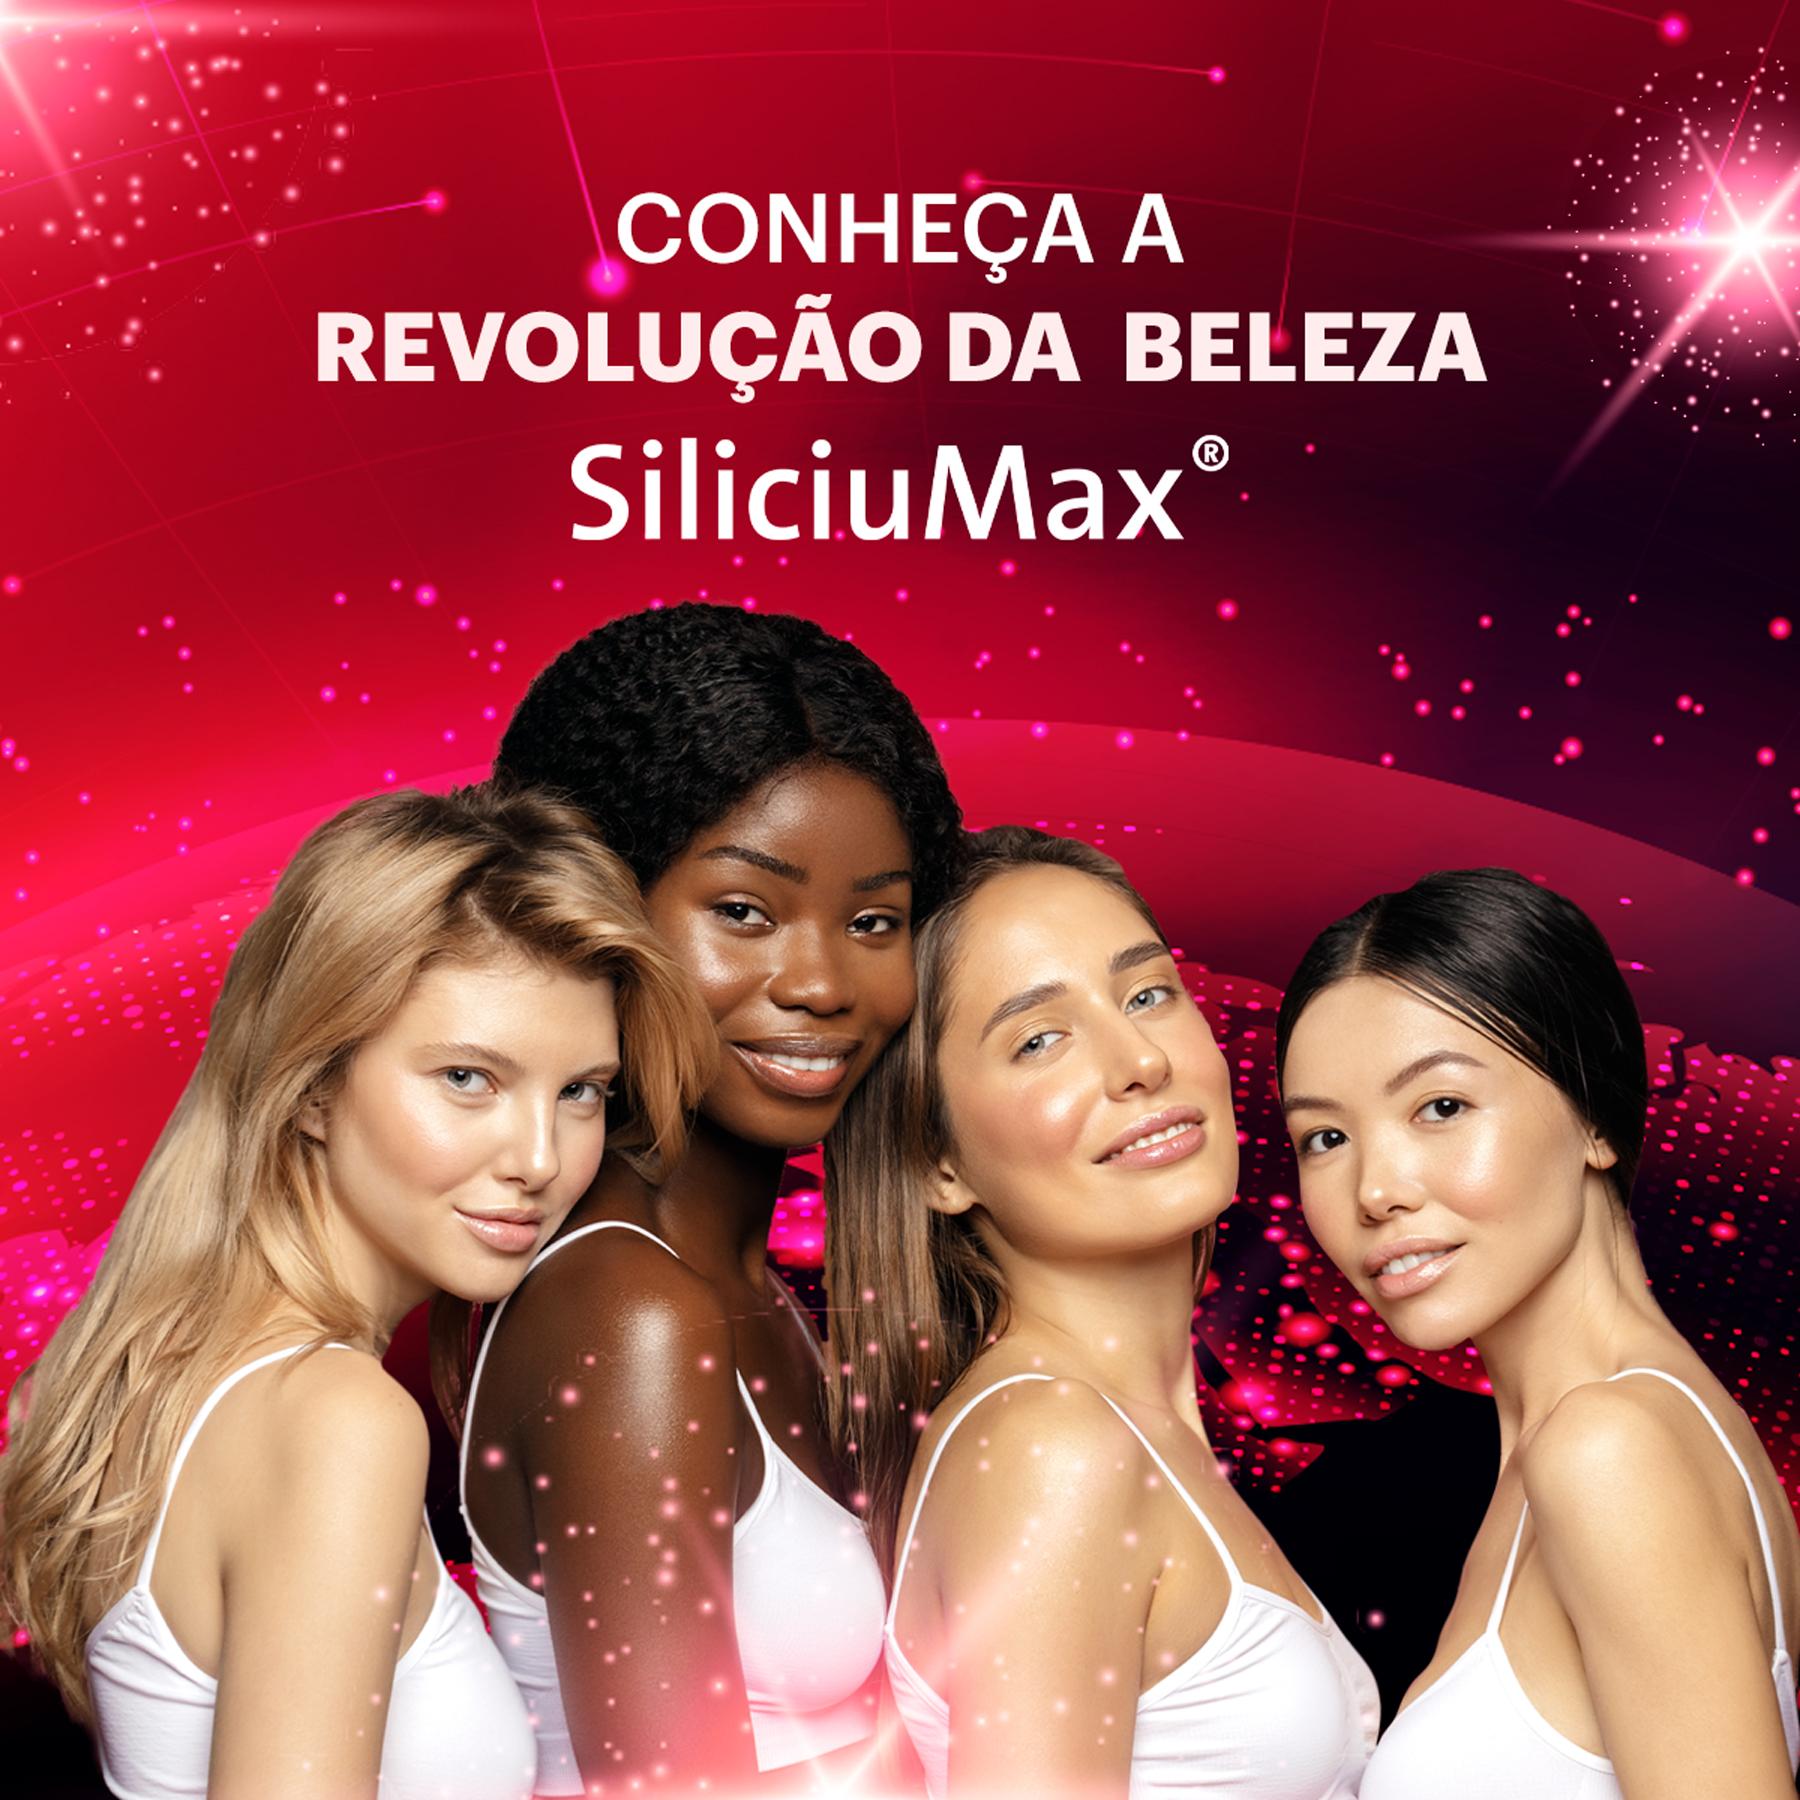 SiliciuMax - Revolução da Beleza